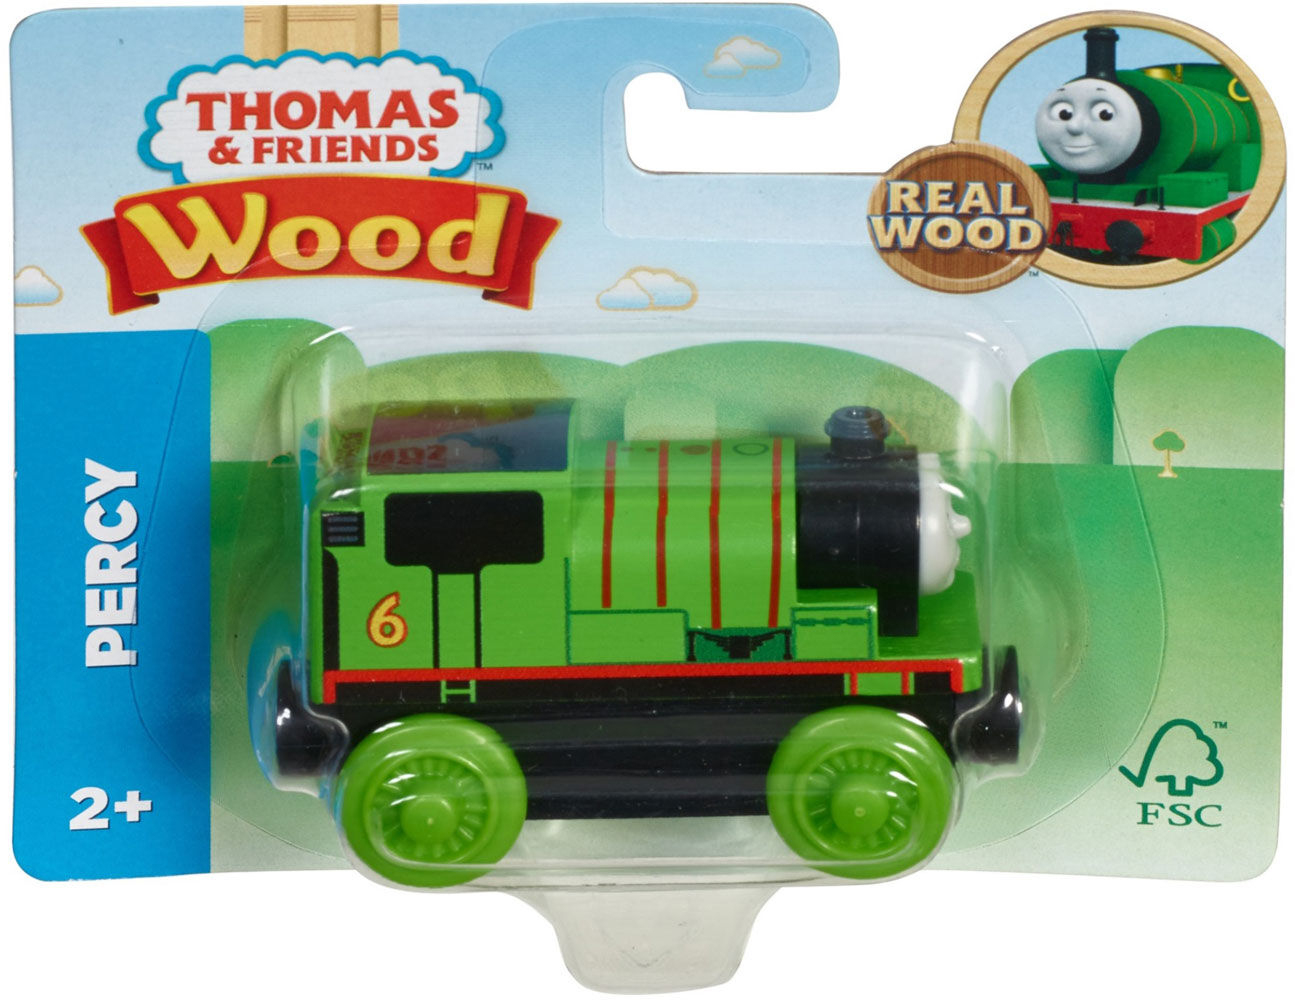 Thomas Et Ses Amis Locomotive En Bois Percy 2 Ans Et Plus tout Jouet Pour Enfant De 2 Ans